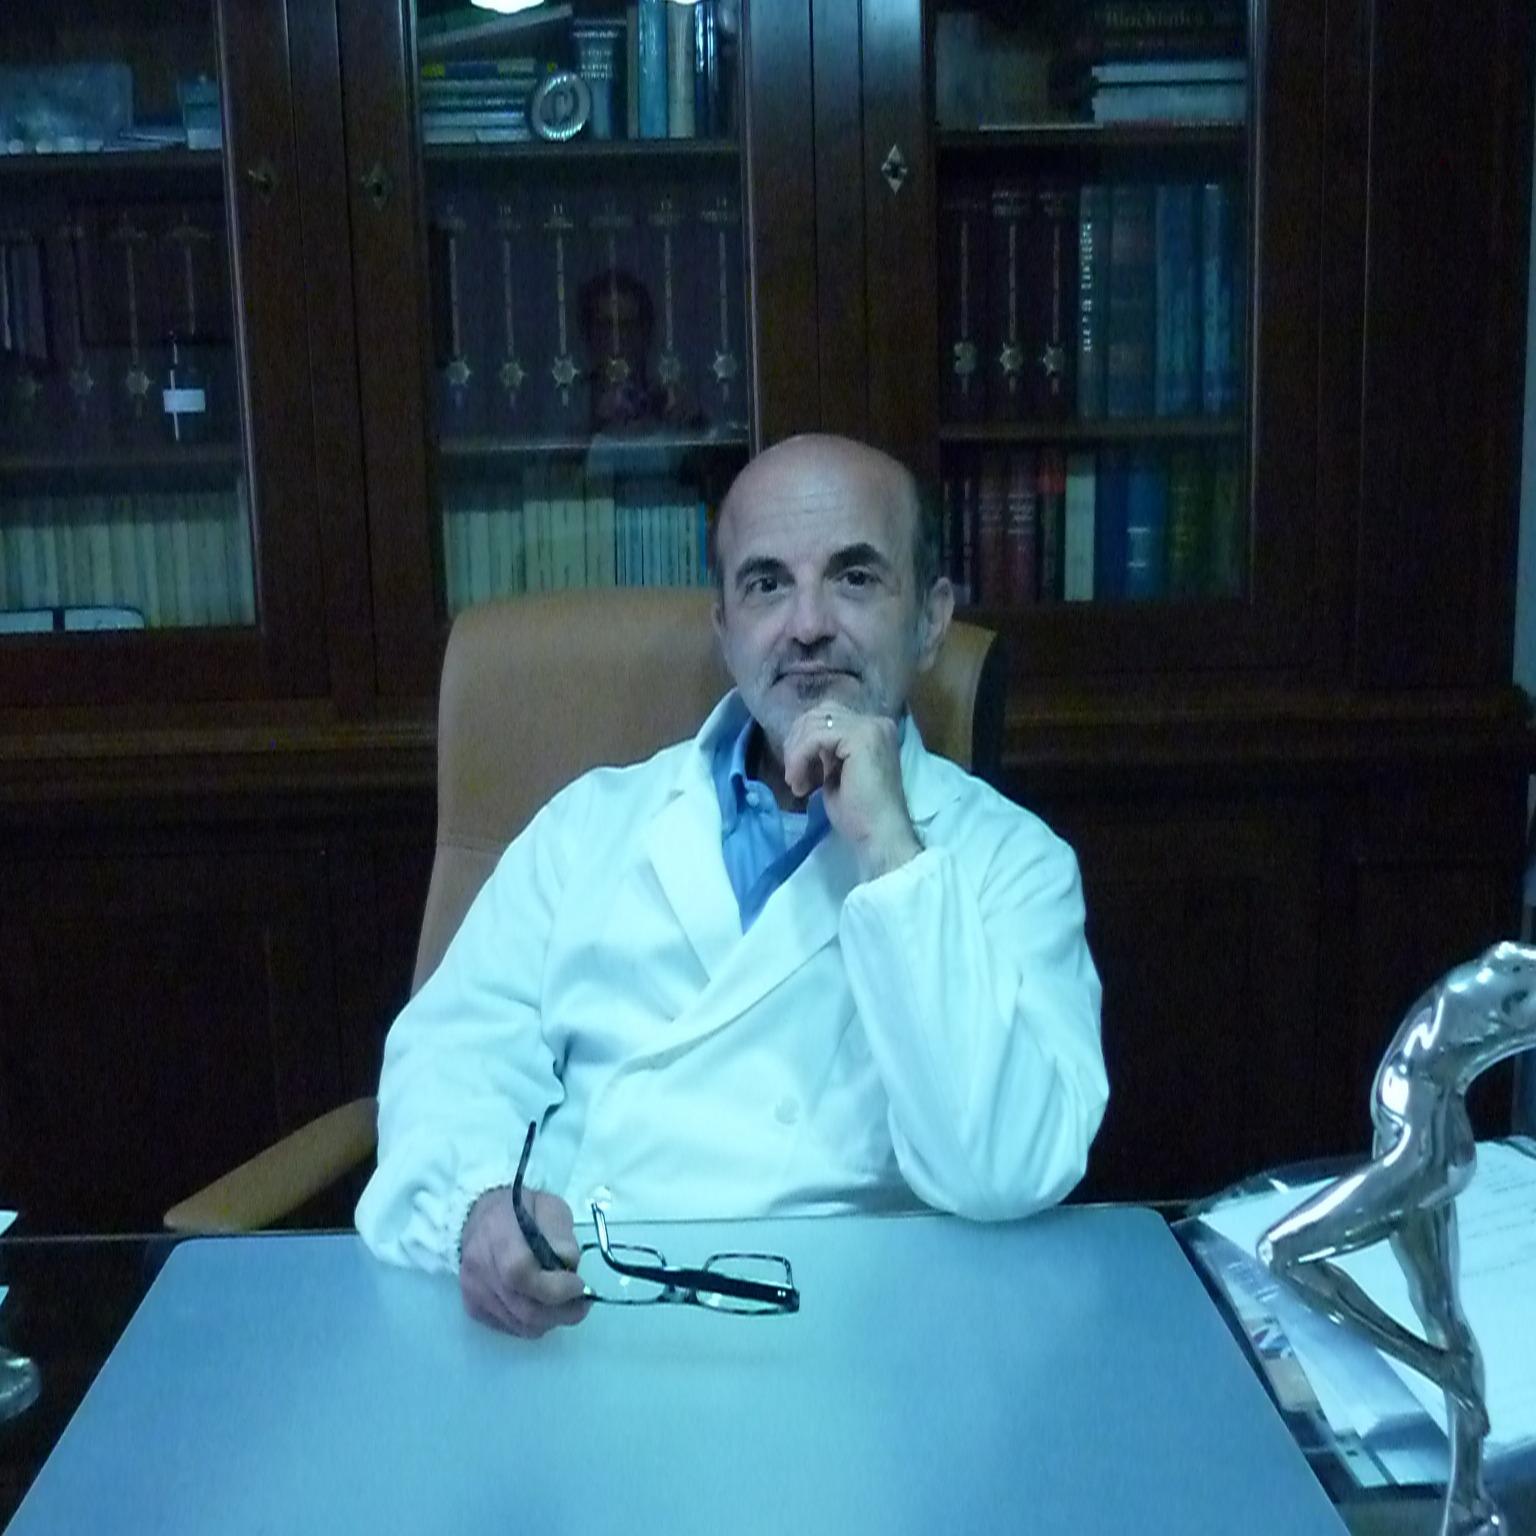 Dr. Biagio Filippo R. Santagati